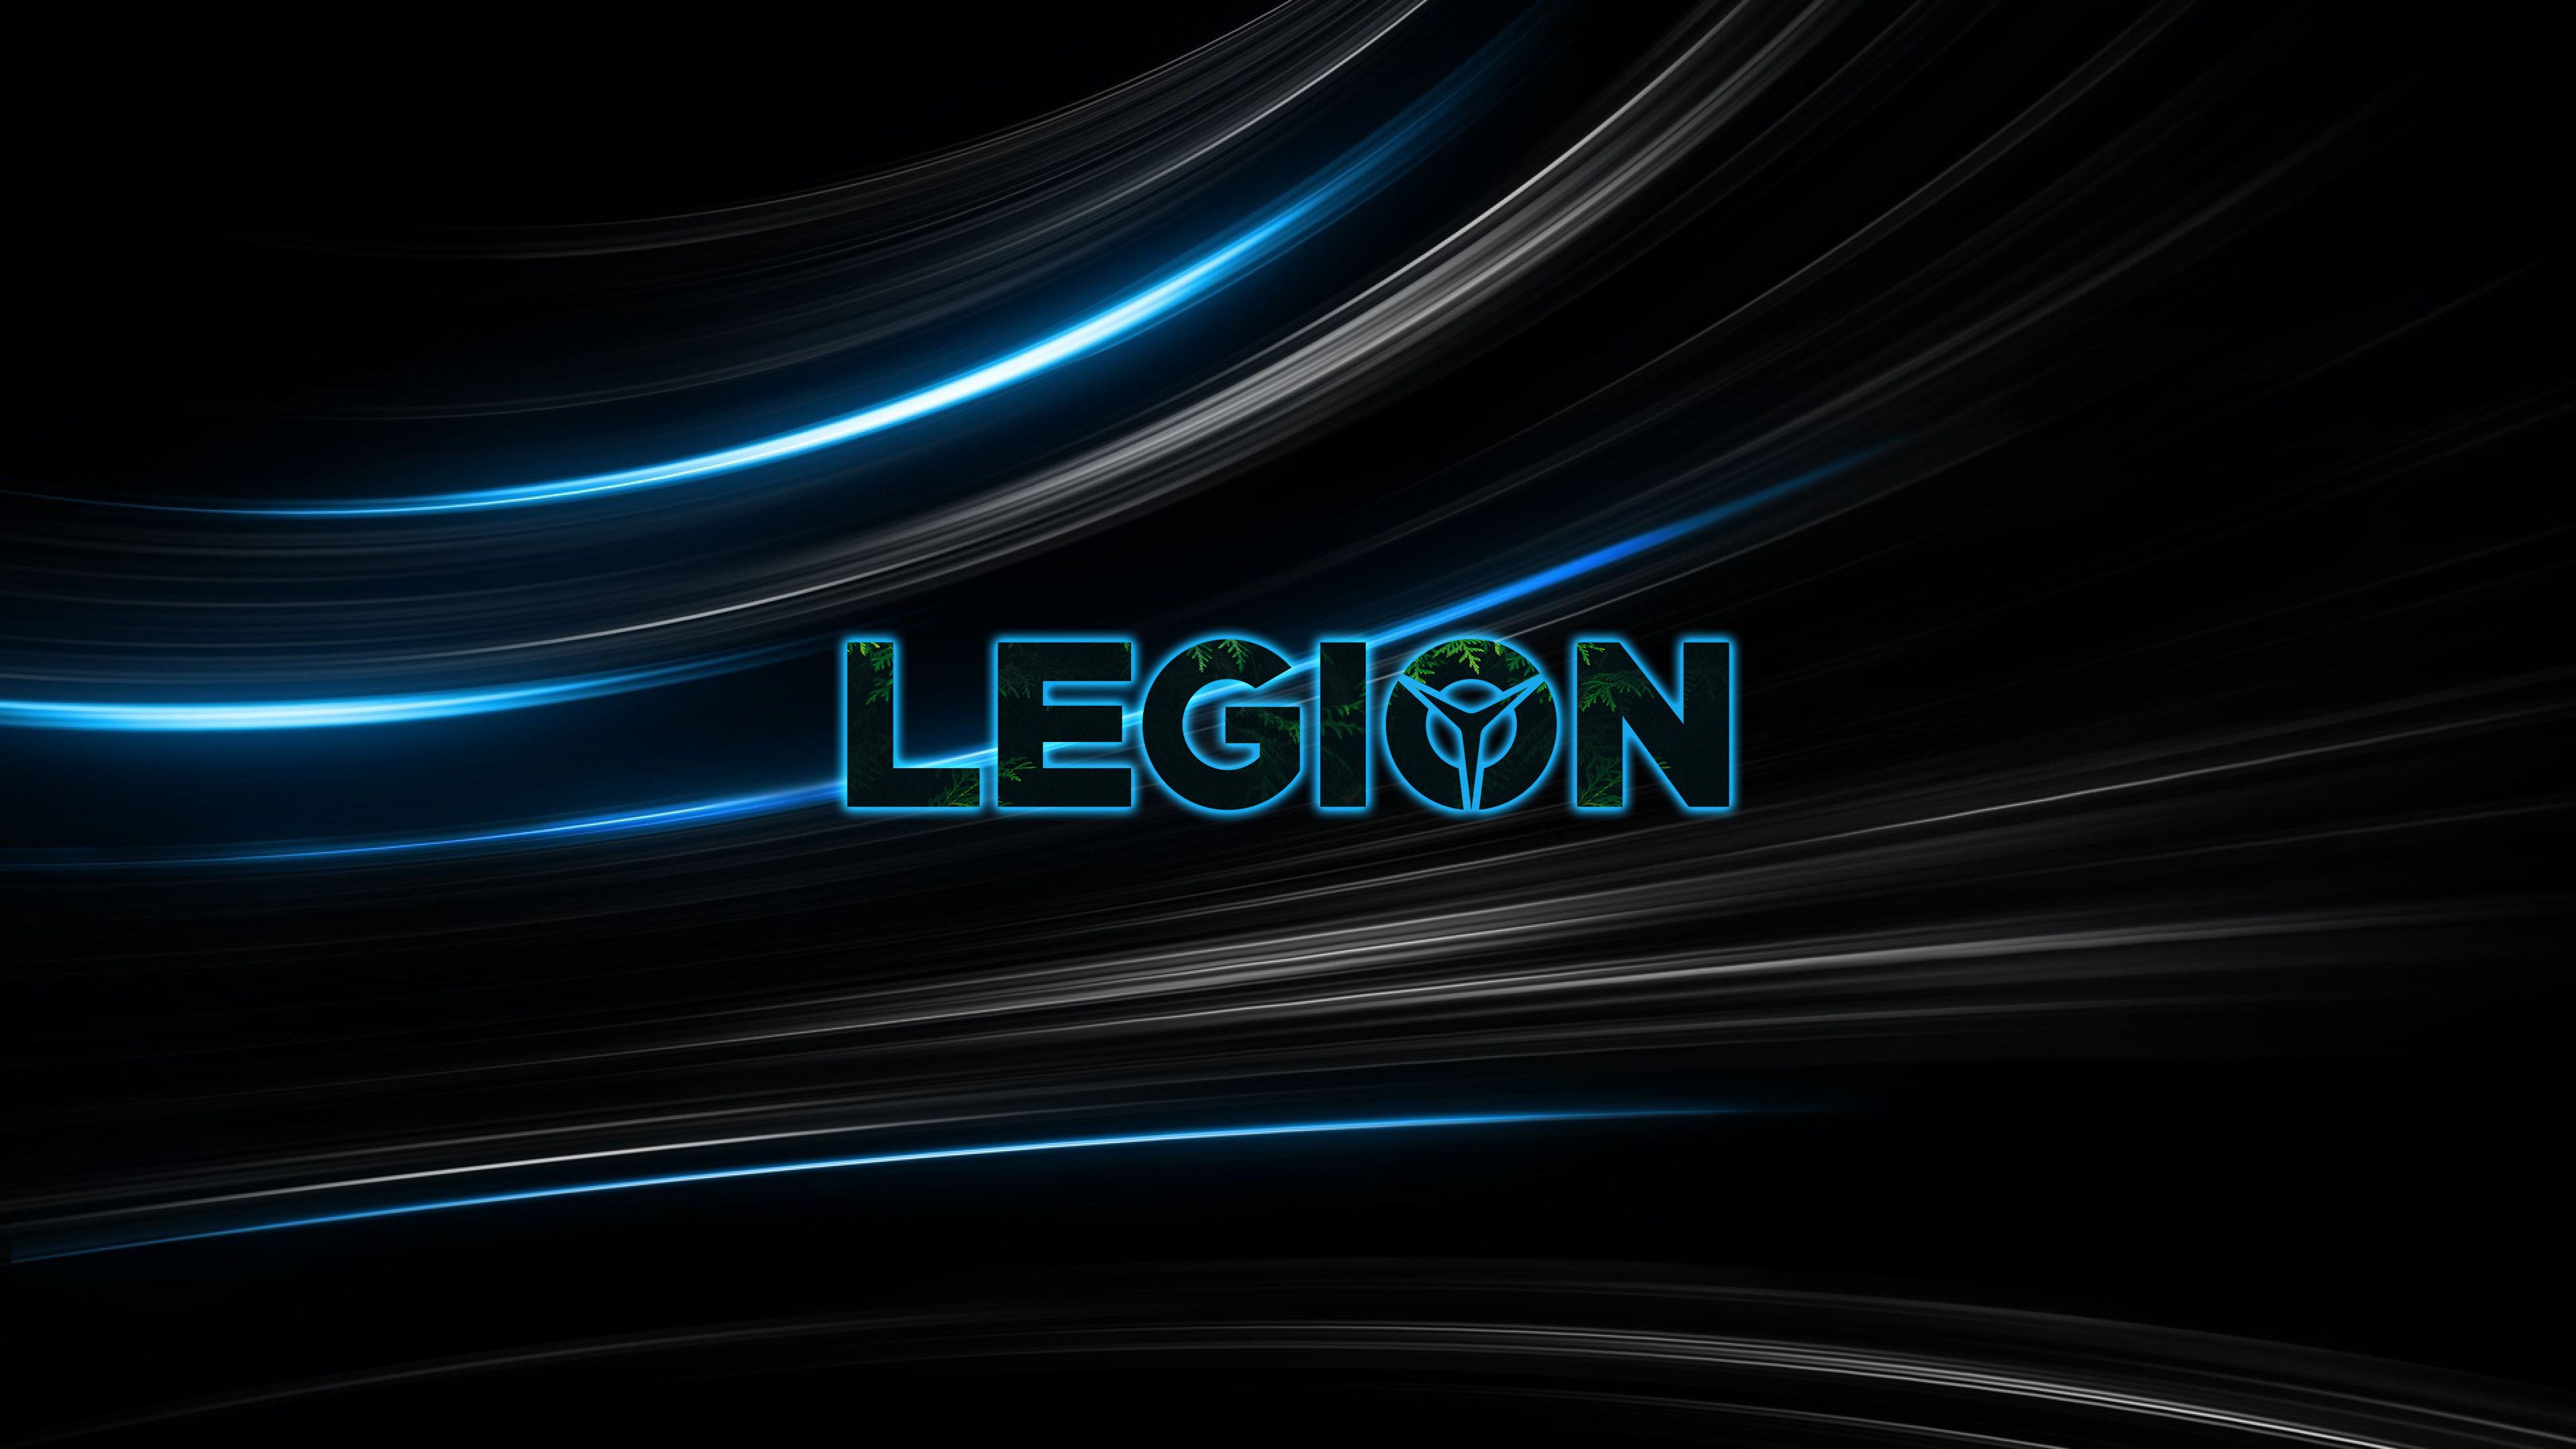 Legion 5 Pro Wallpaper